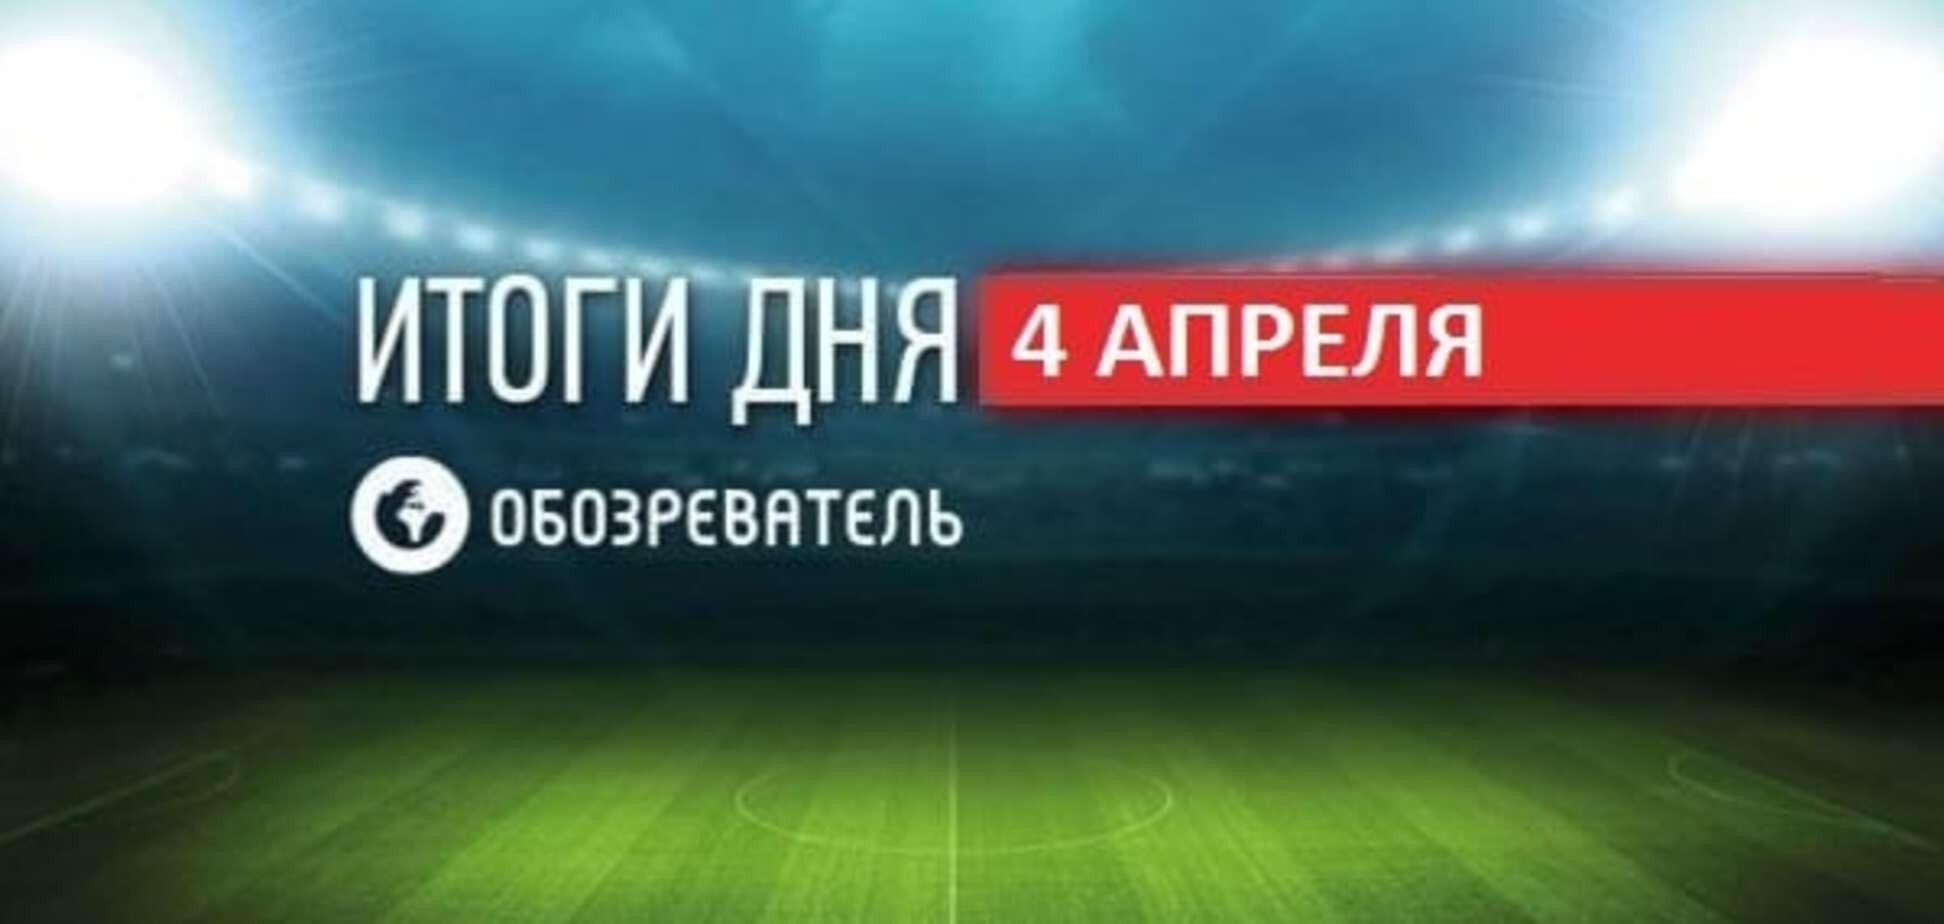 Україну можуть виключити з УЄФА й ФІФА. Спортивні підсумки 4 квітня